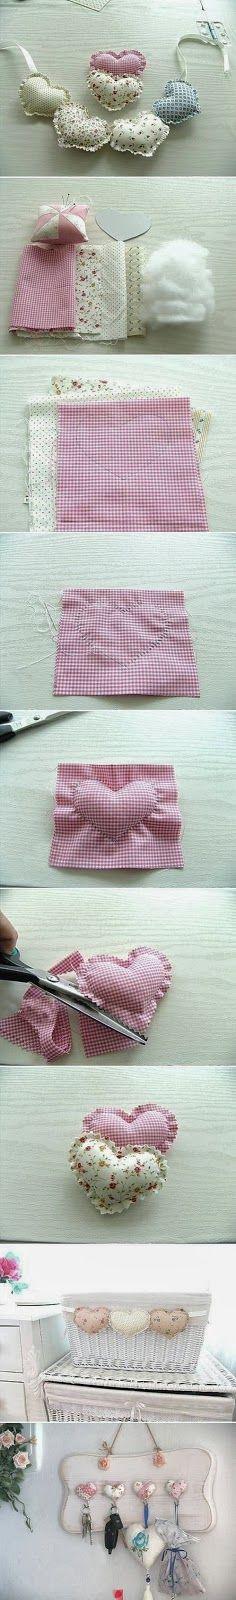 ~ DIY Craft Idea ...